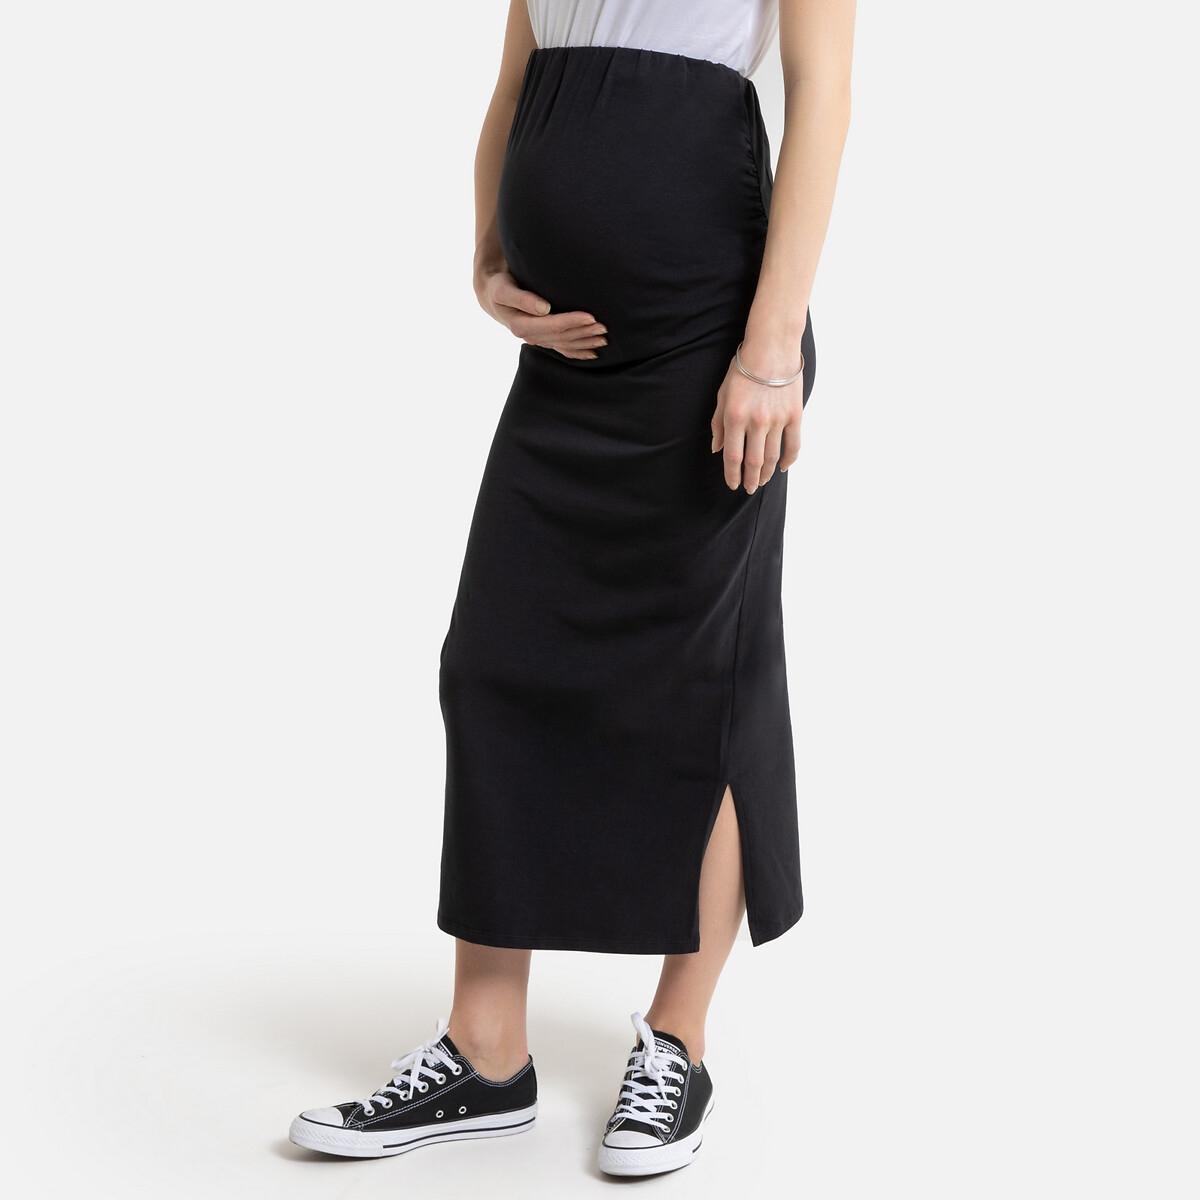 Falda recta para embarazo, semilarga